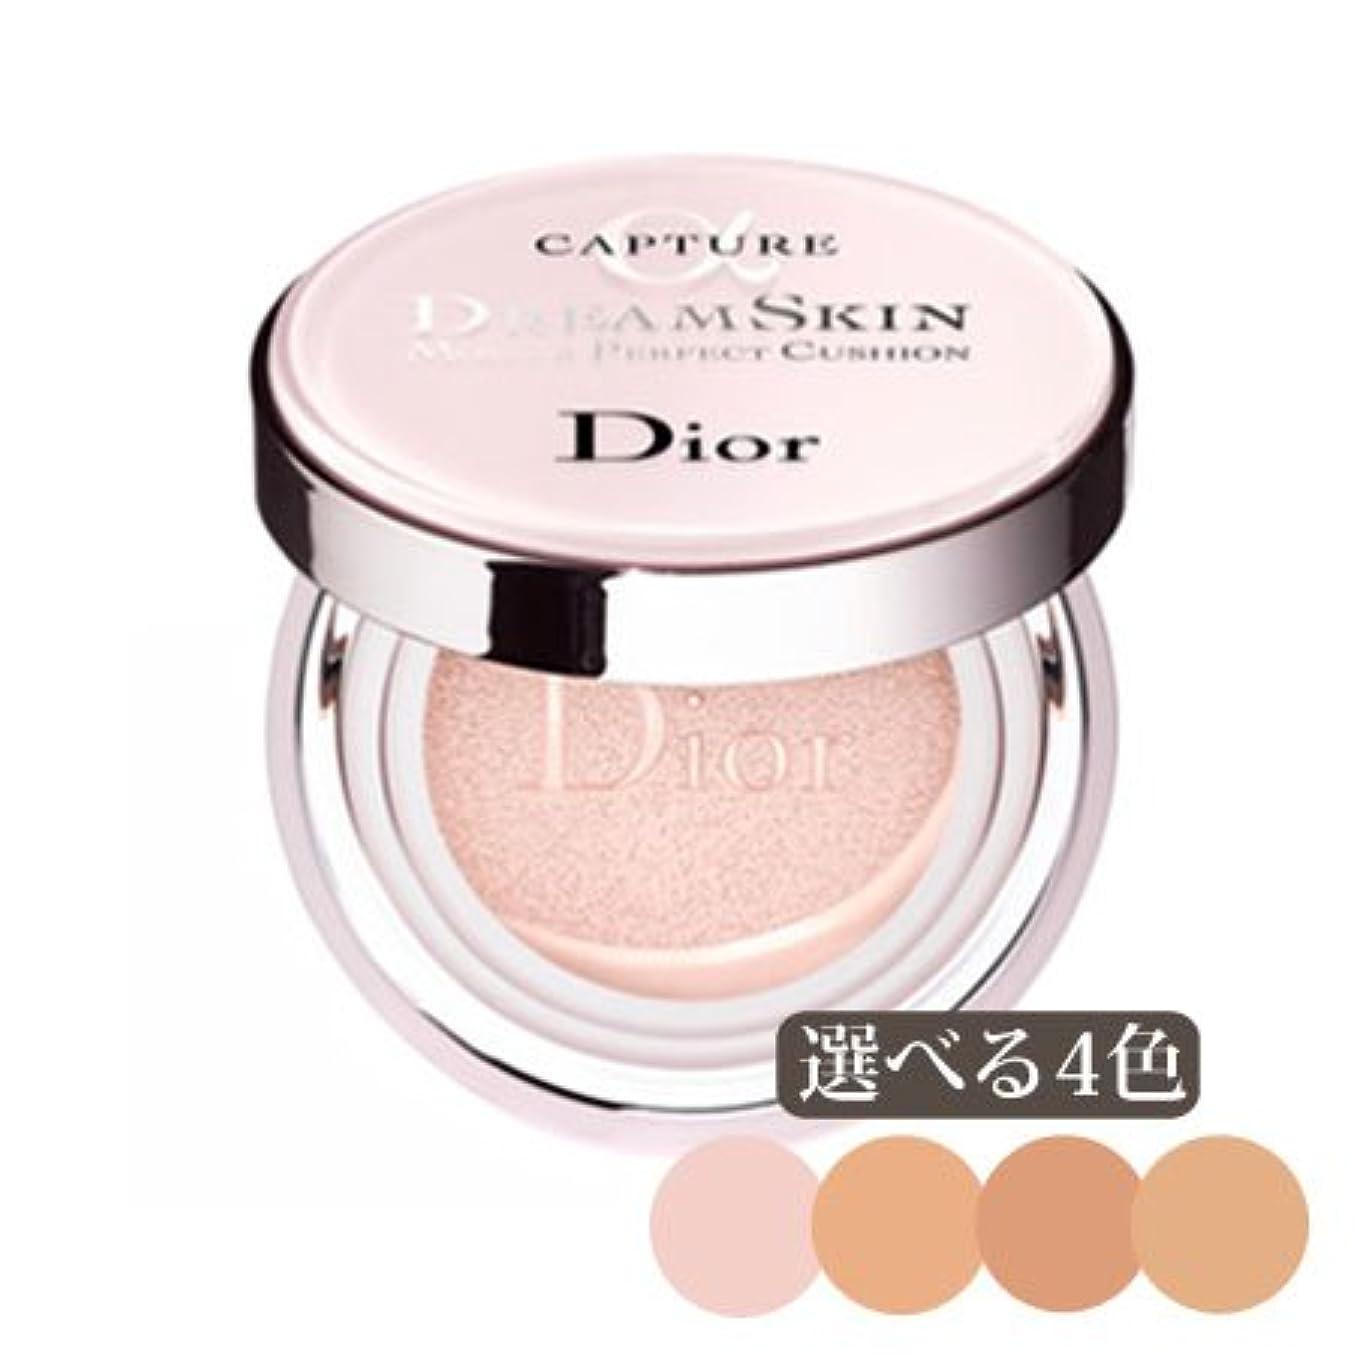 非常に息切れ適度なディオール カプチュール ドリームスキン モイスト クッション 選べる4色 -Dior- 012